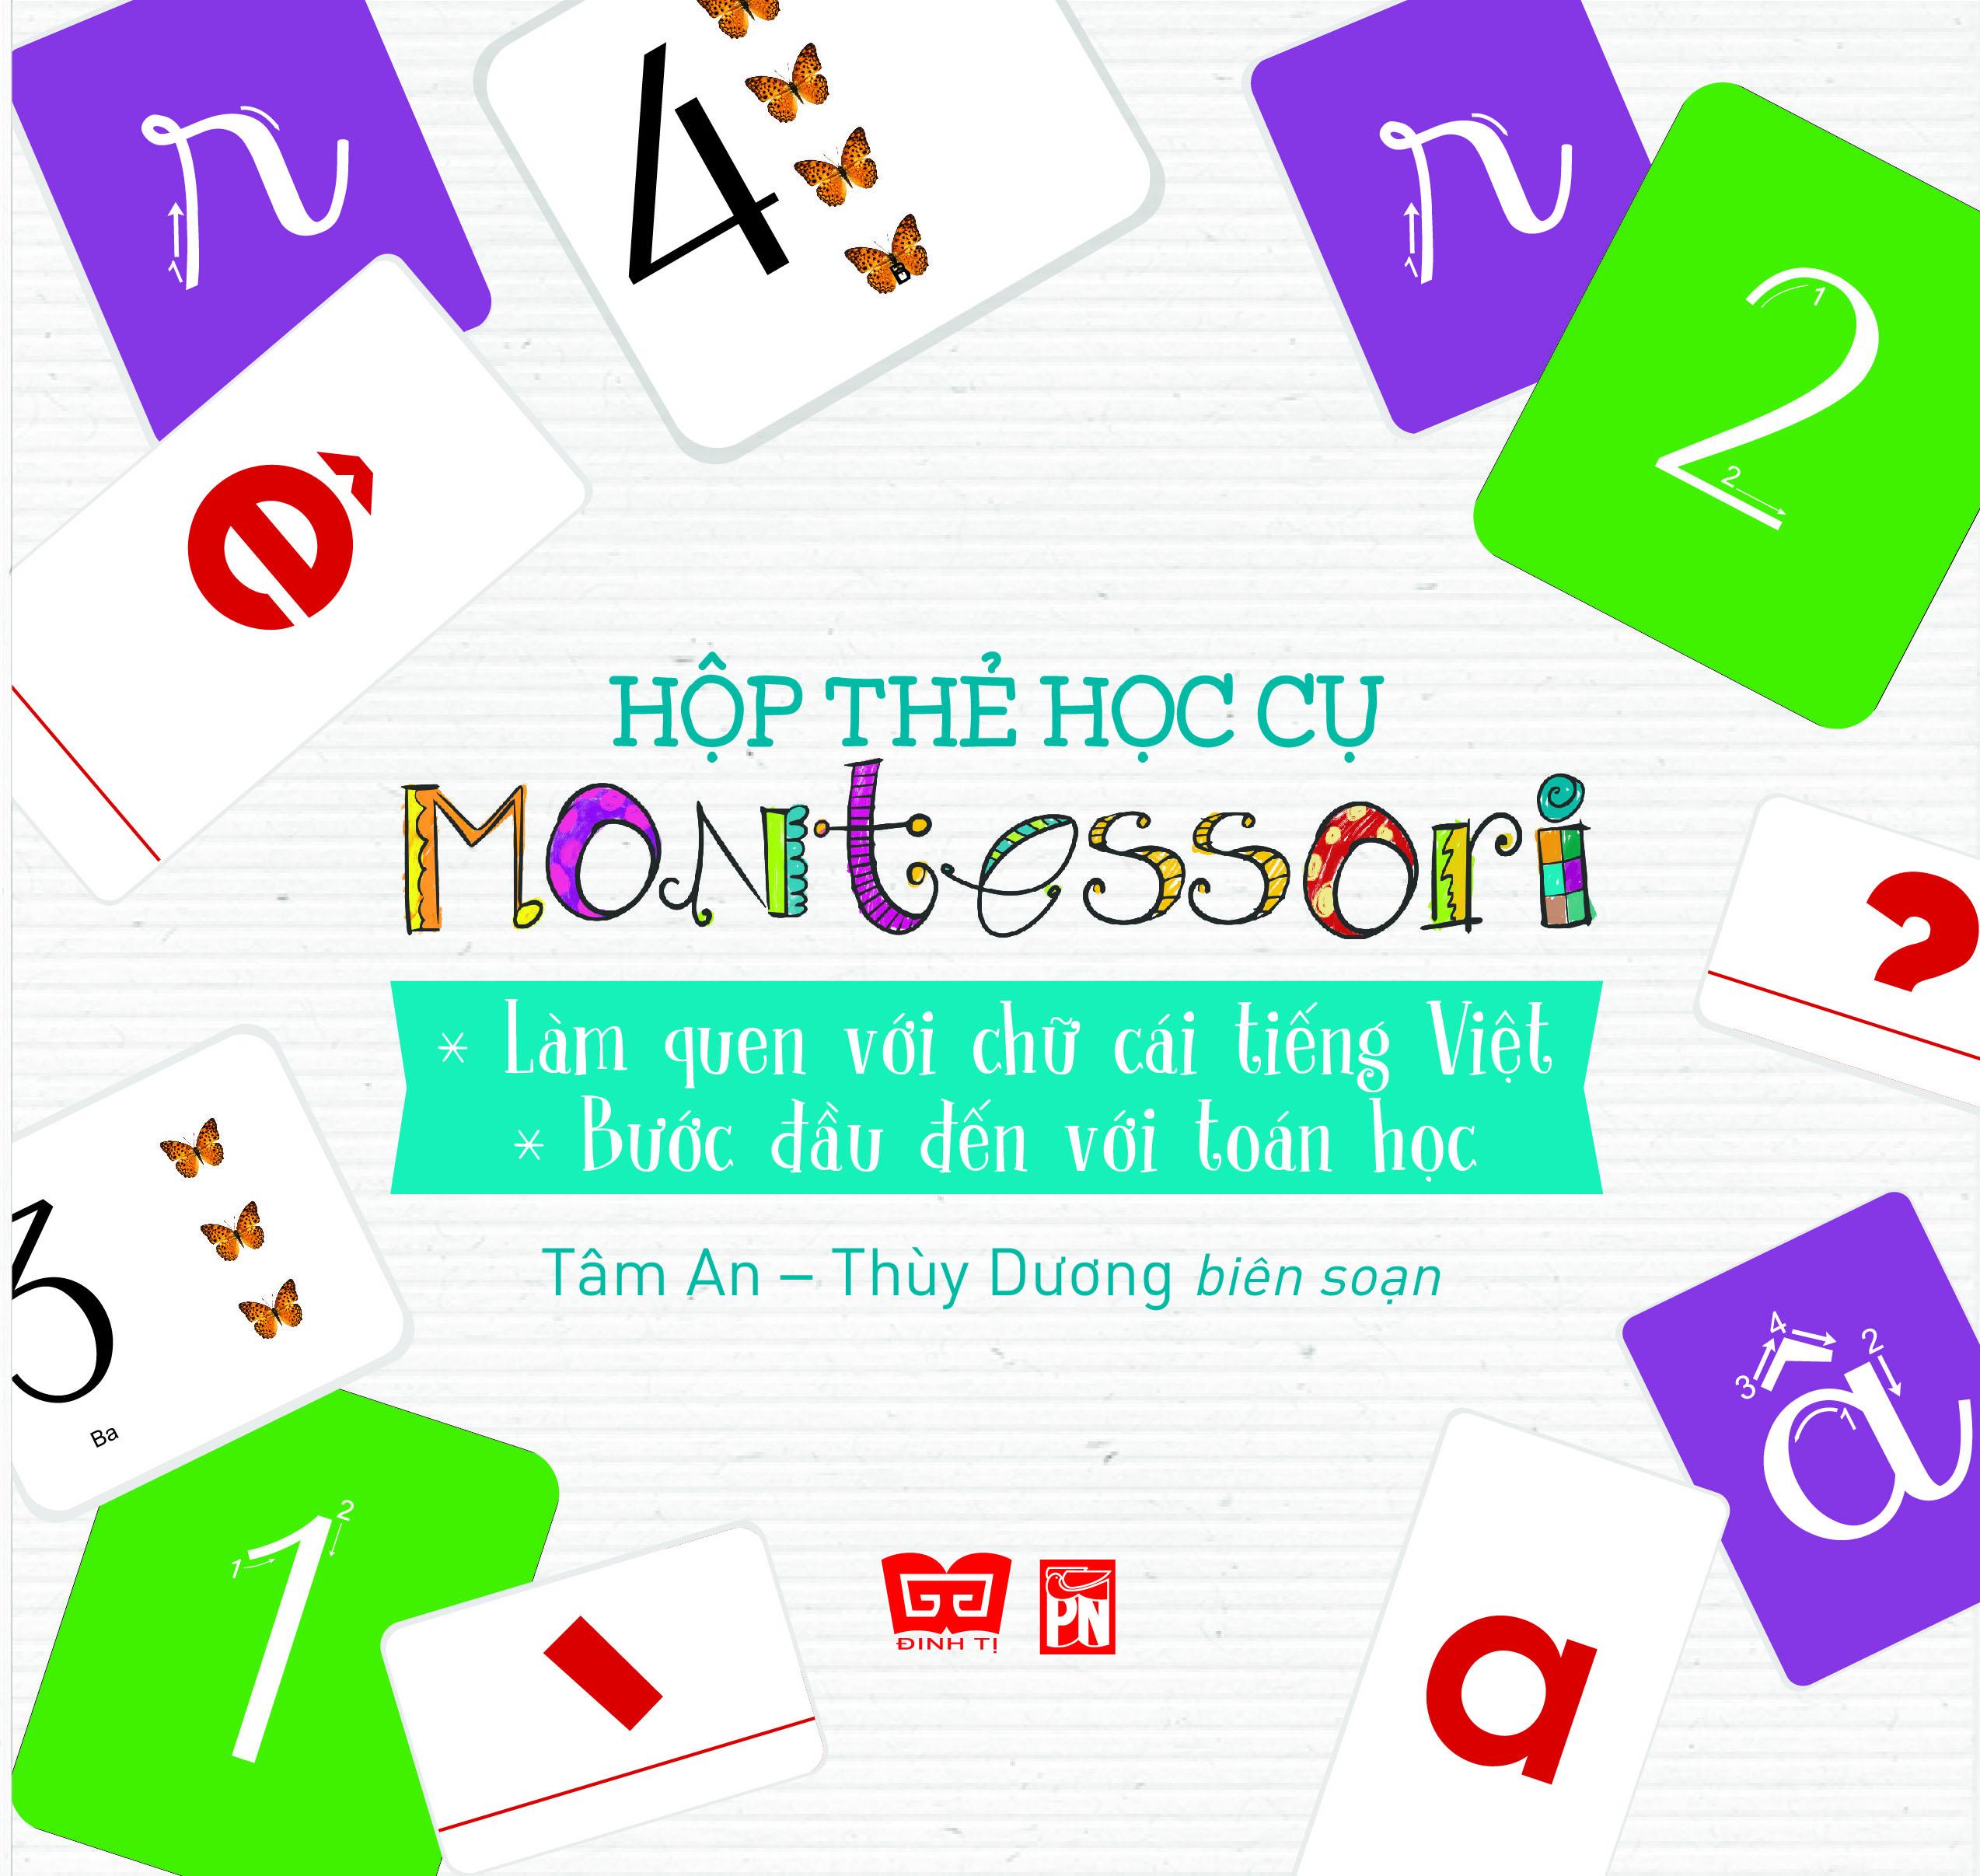 Hộp Thẻ Học Cụ Montessori: Làm Quen Với Chữ Cái Tiếng Việt - Bước Đầu Đến Với Toán Học